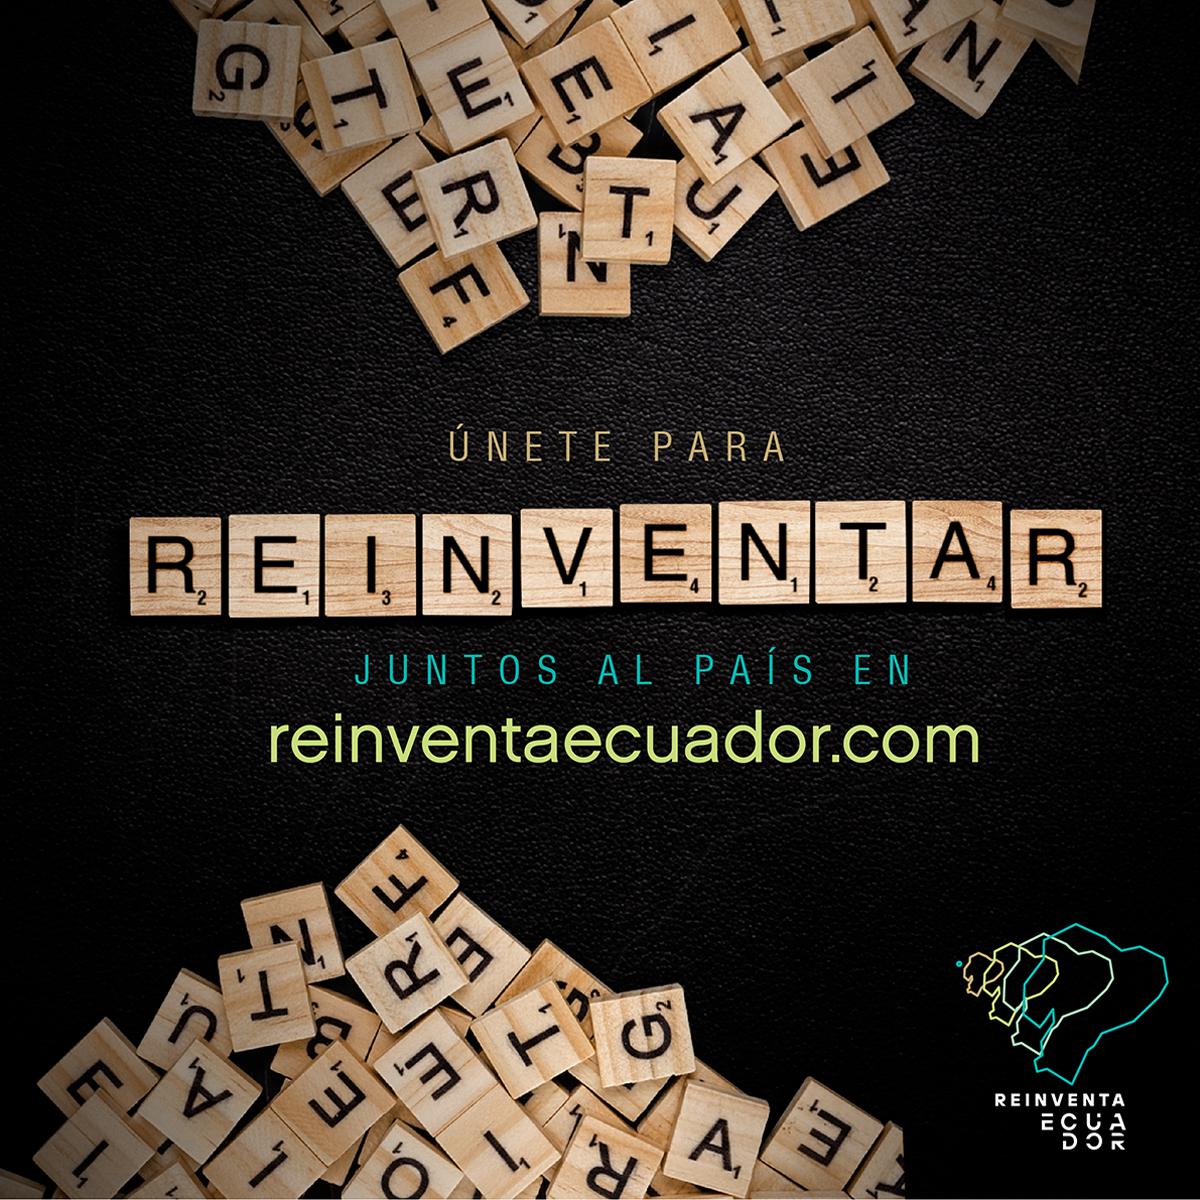 Imagen de Reiventa Ecuador, campaña de AEI y ONU Ecuador